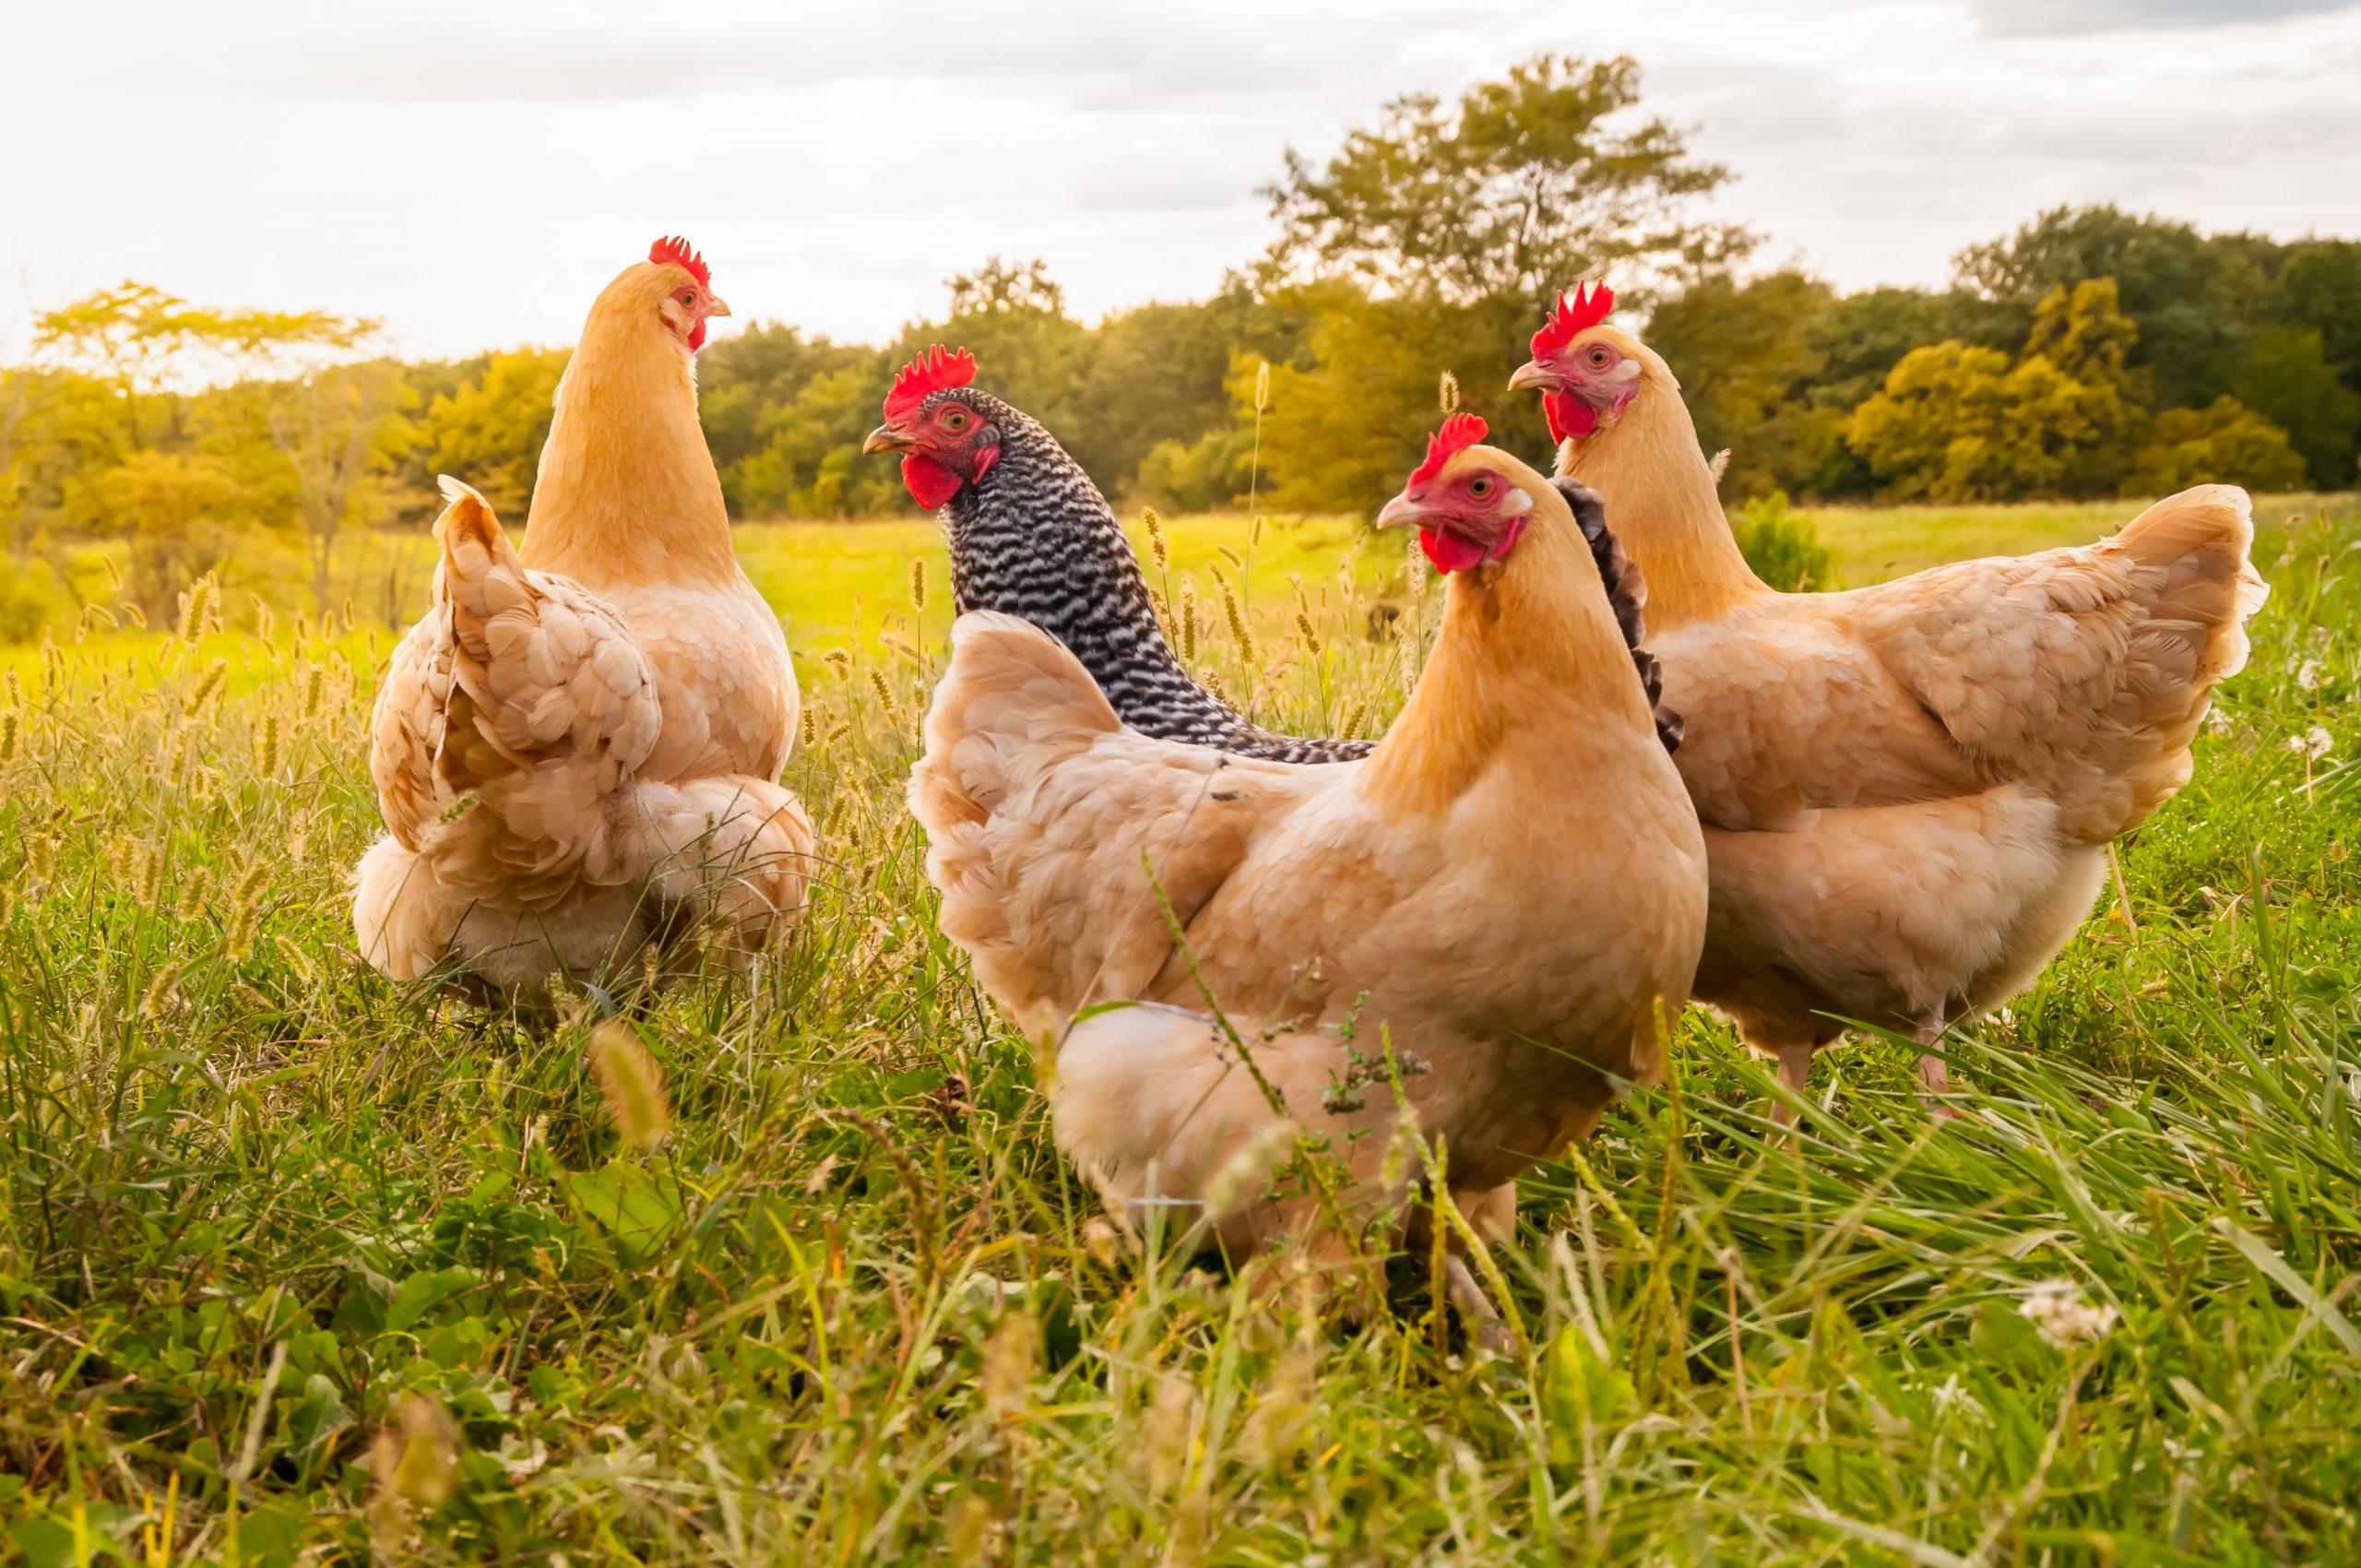 Freerange chickens in a field.